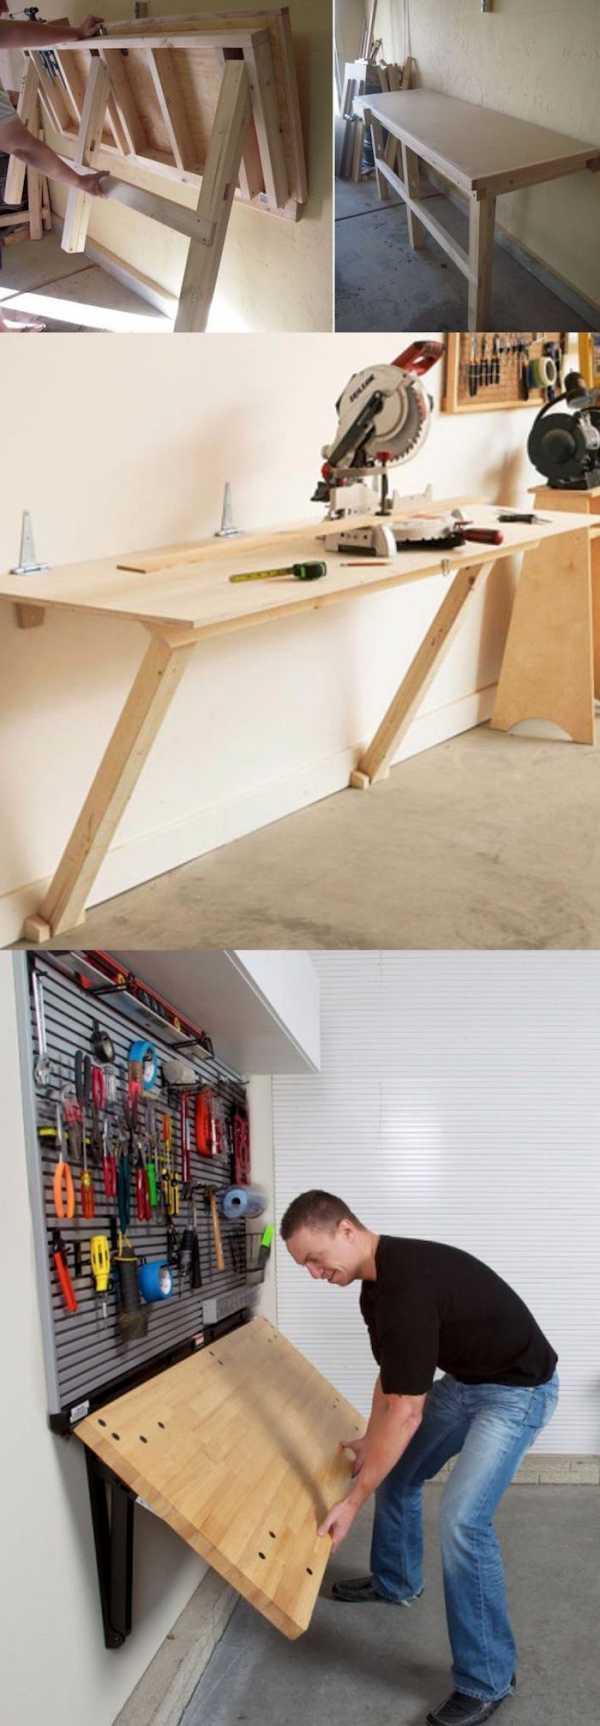 Самоделки для гаража своими руками: идеи для гаража и мастерской с фото